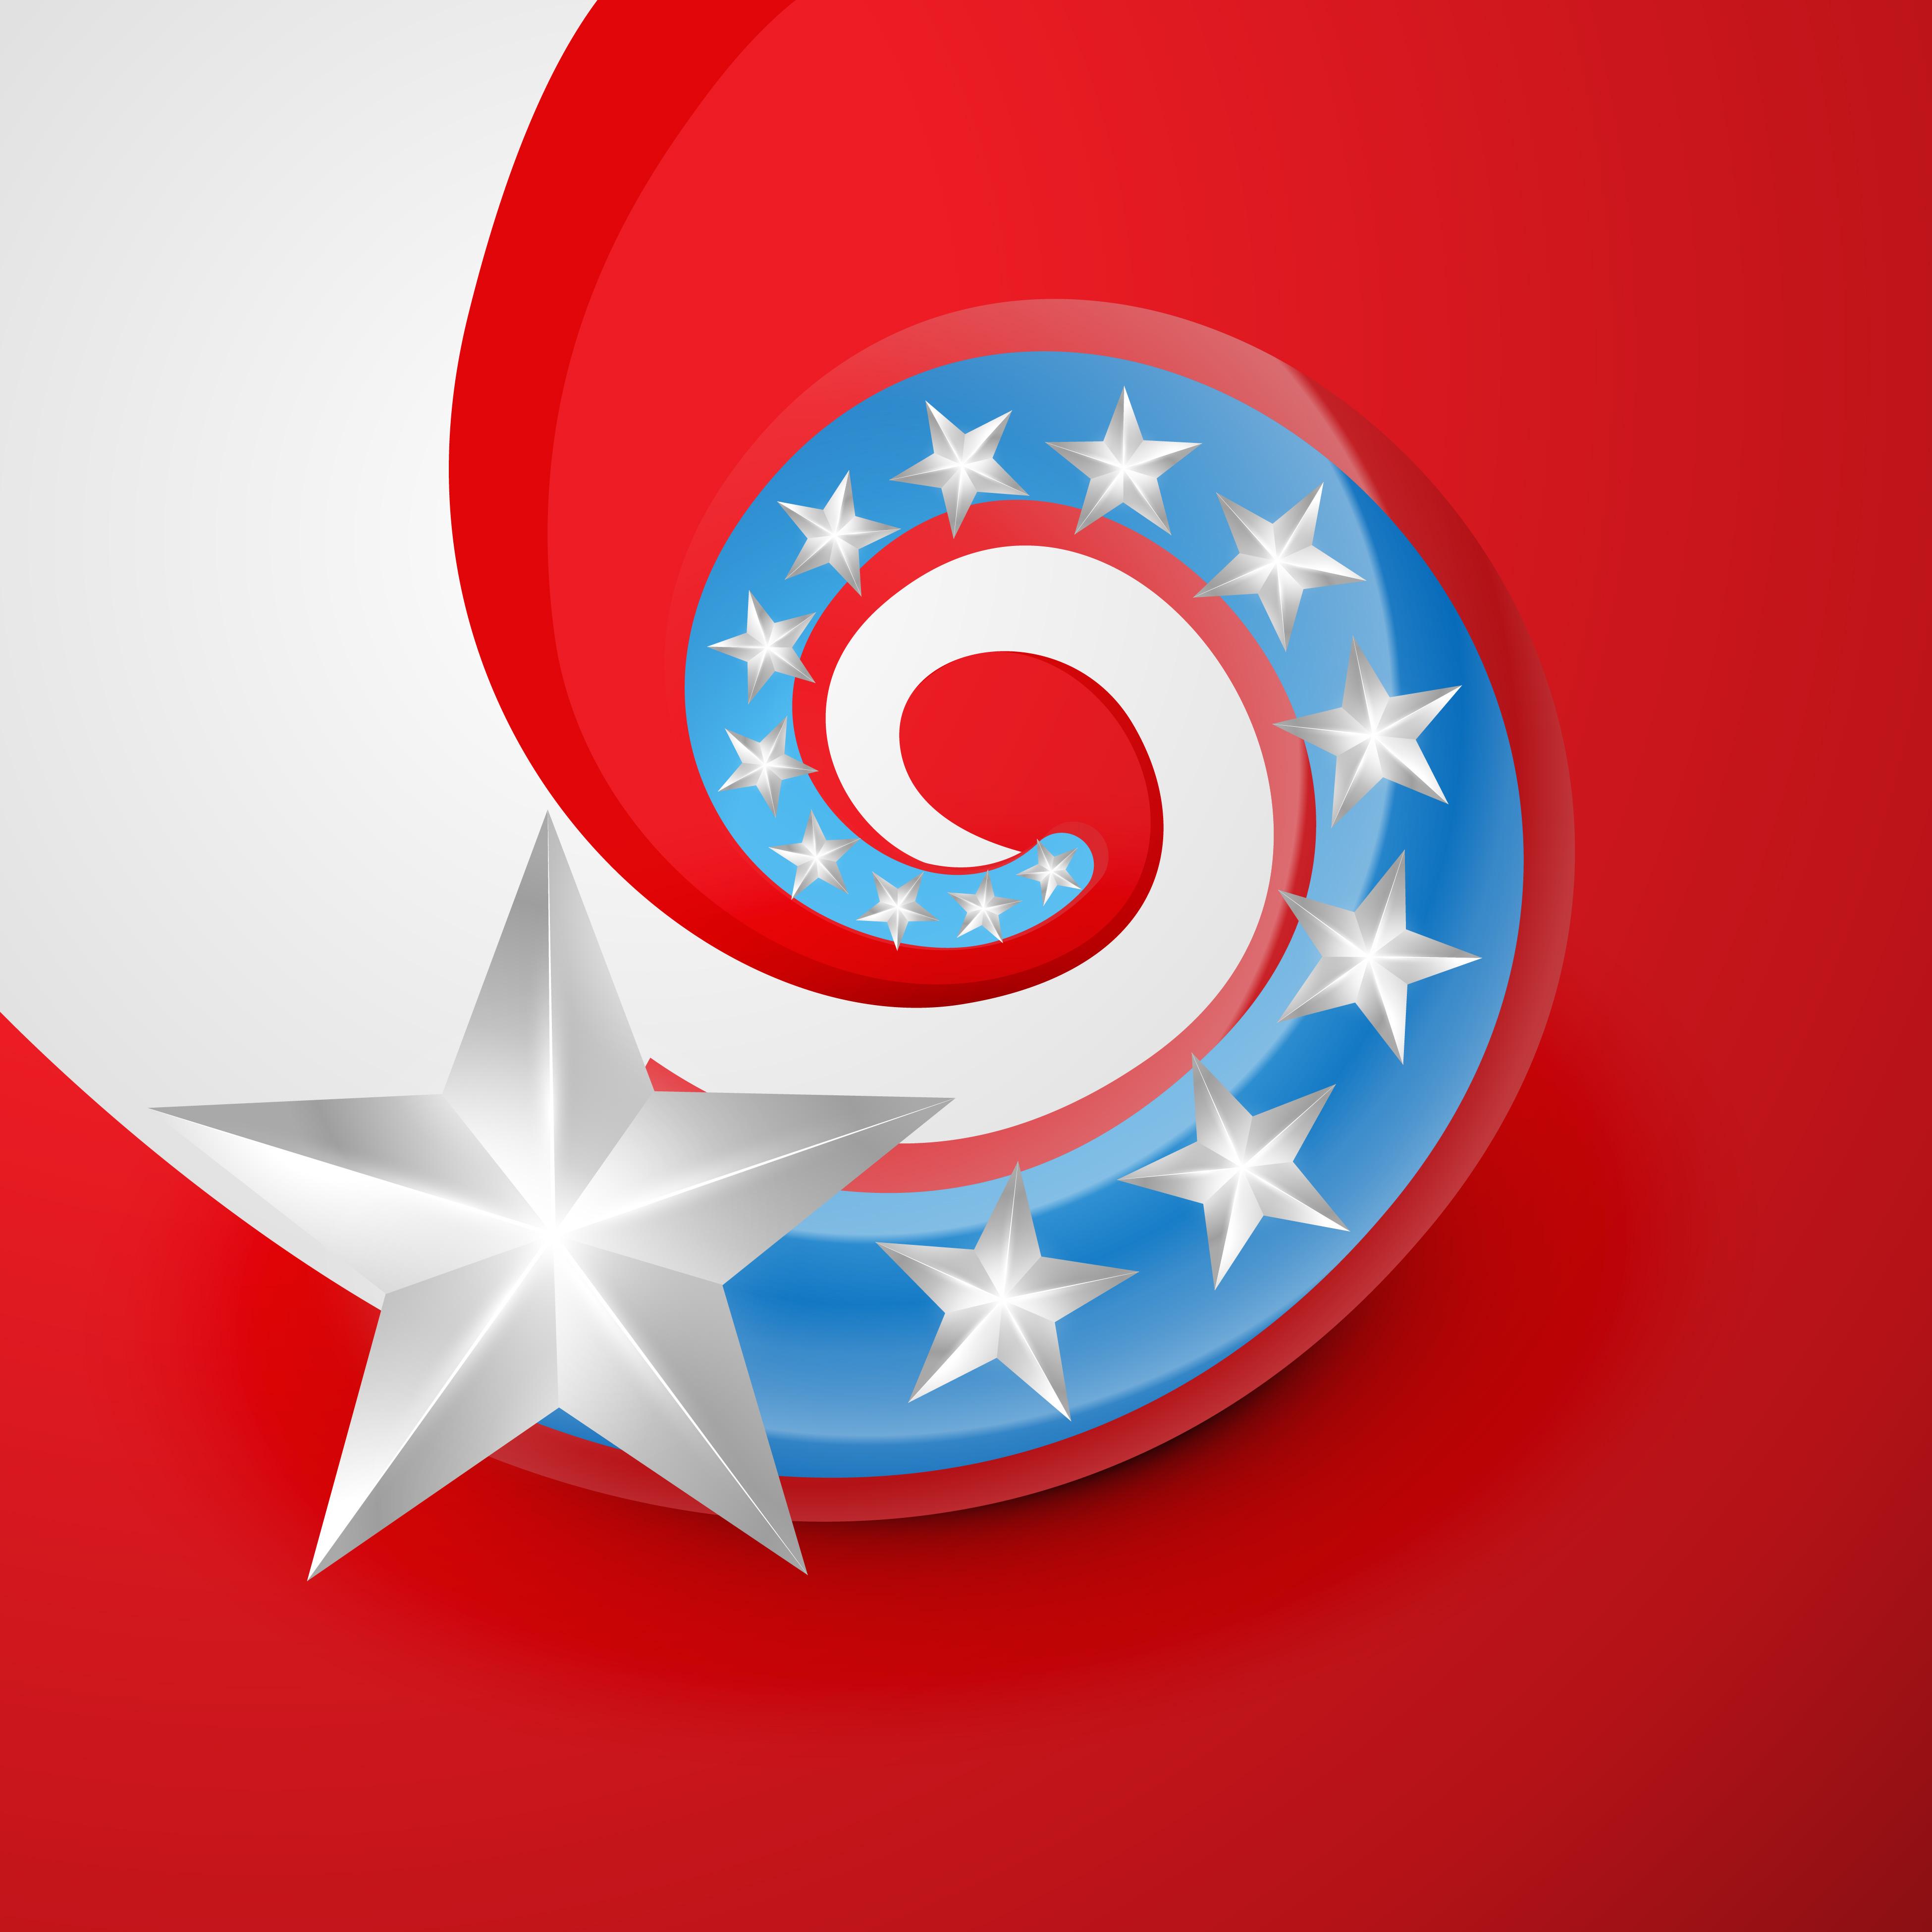 american flag vector - Download Free Vectors, Clipart ...